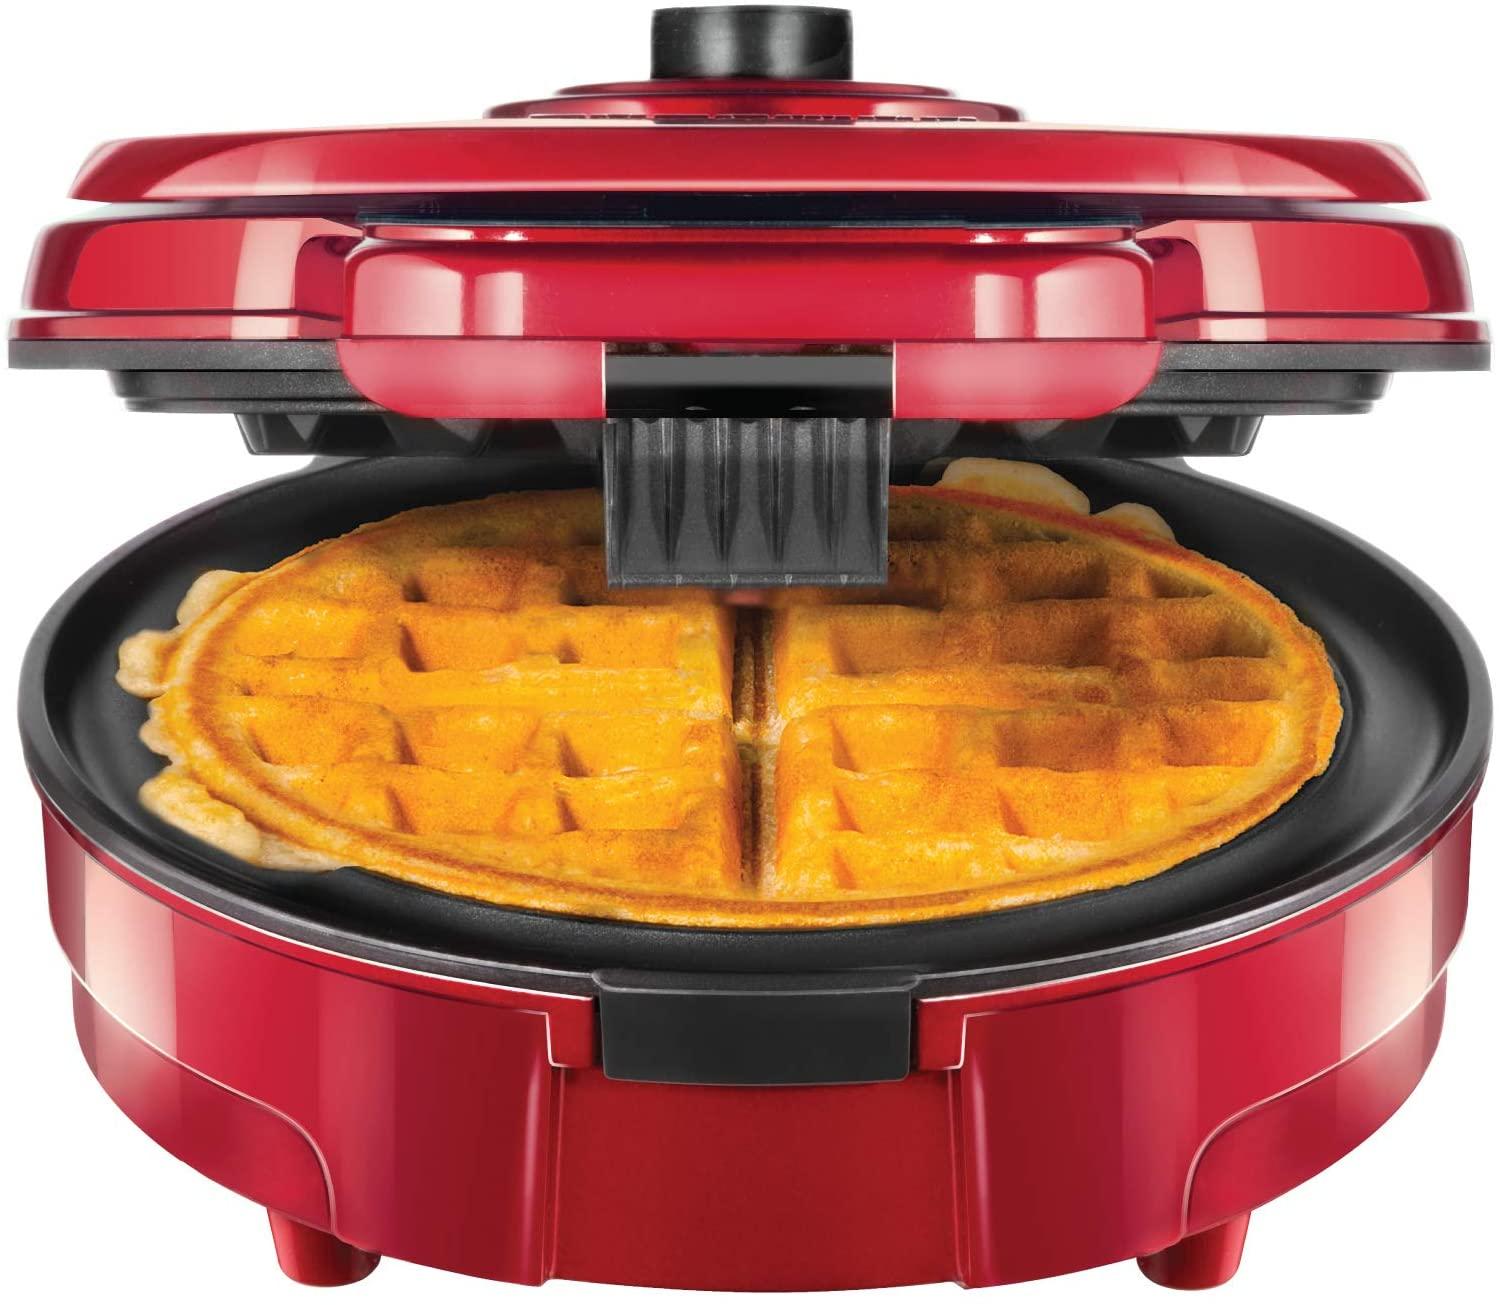 Chefman belgian waffle maker